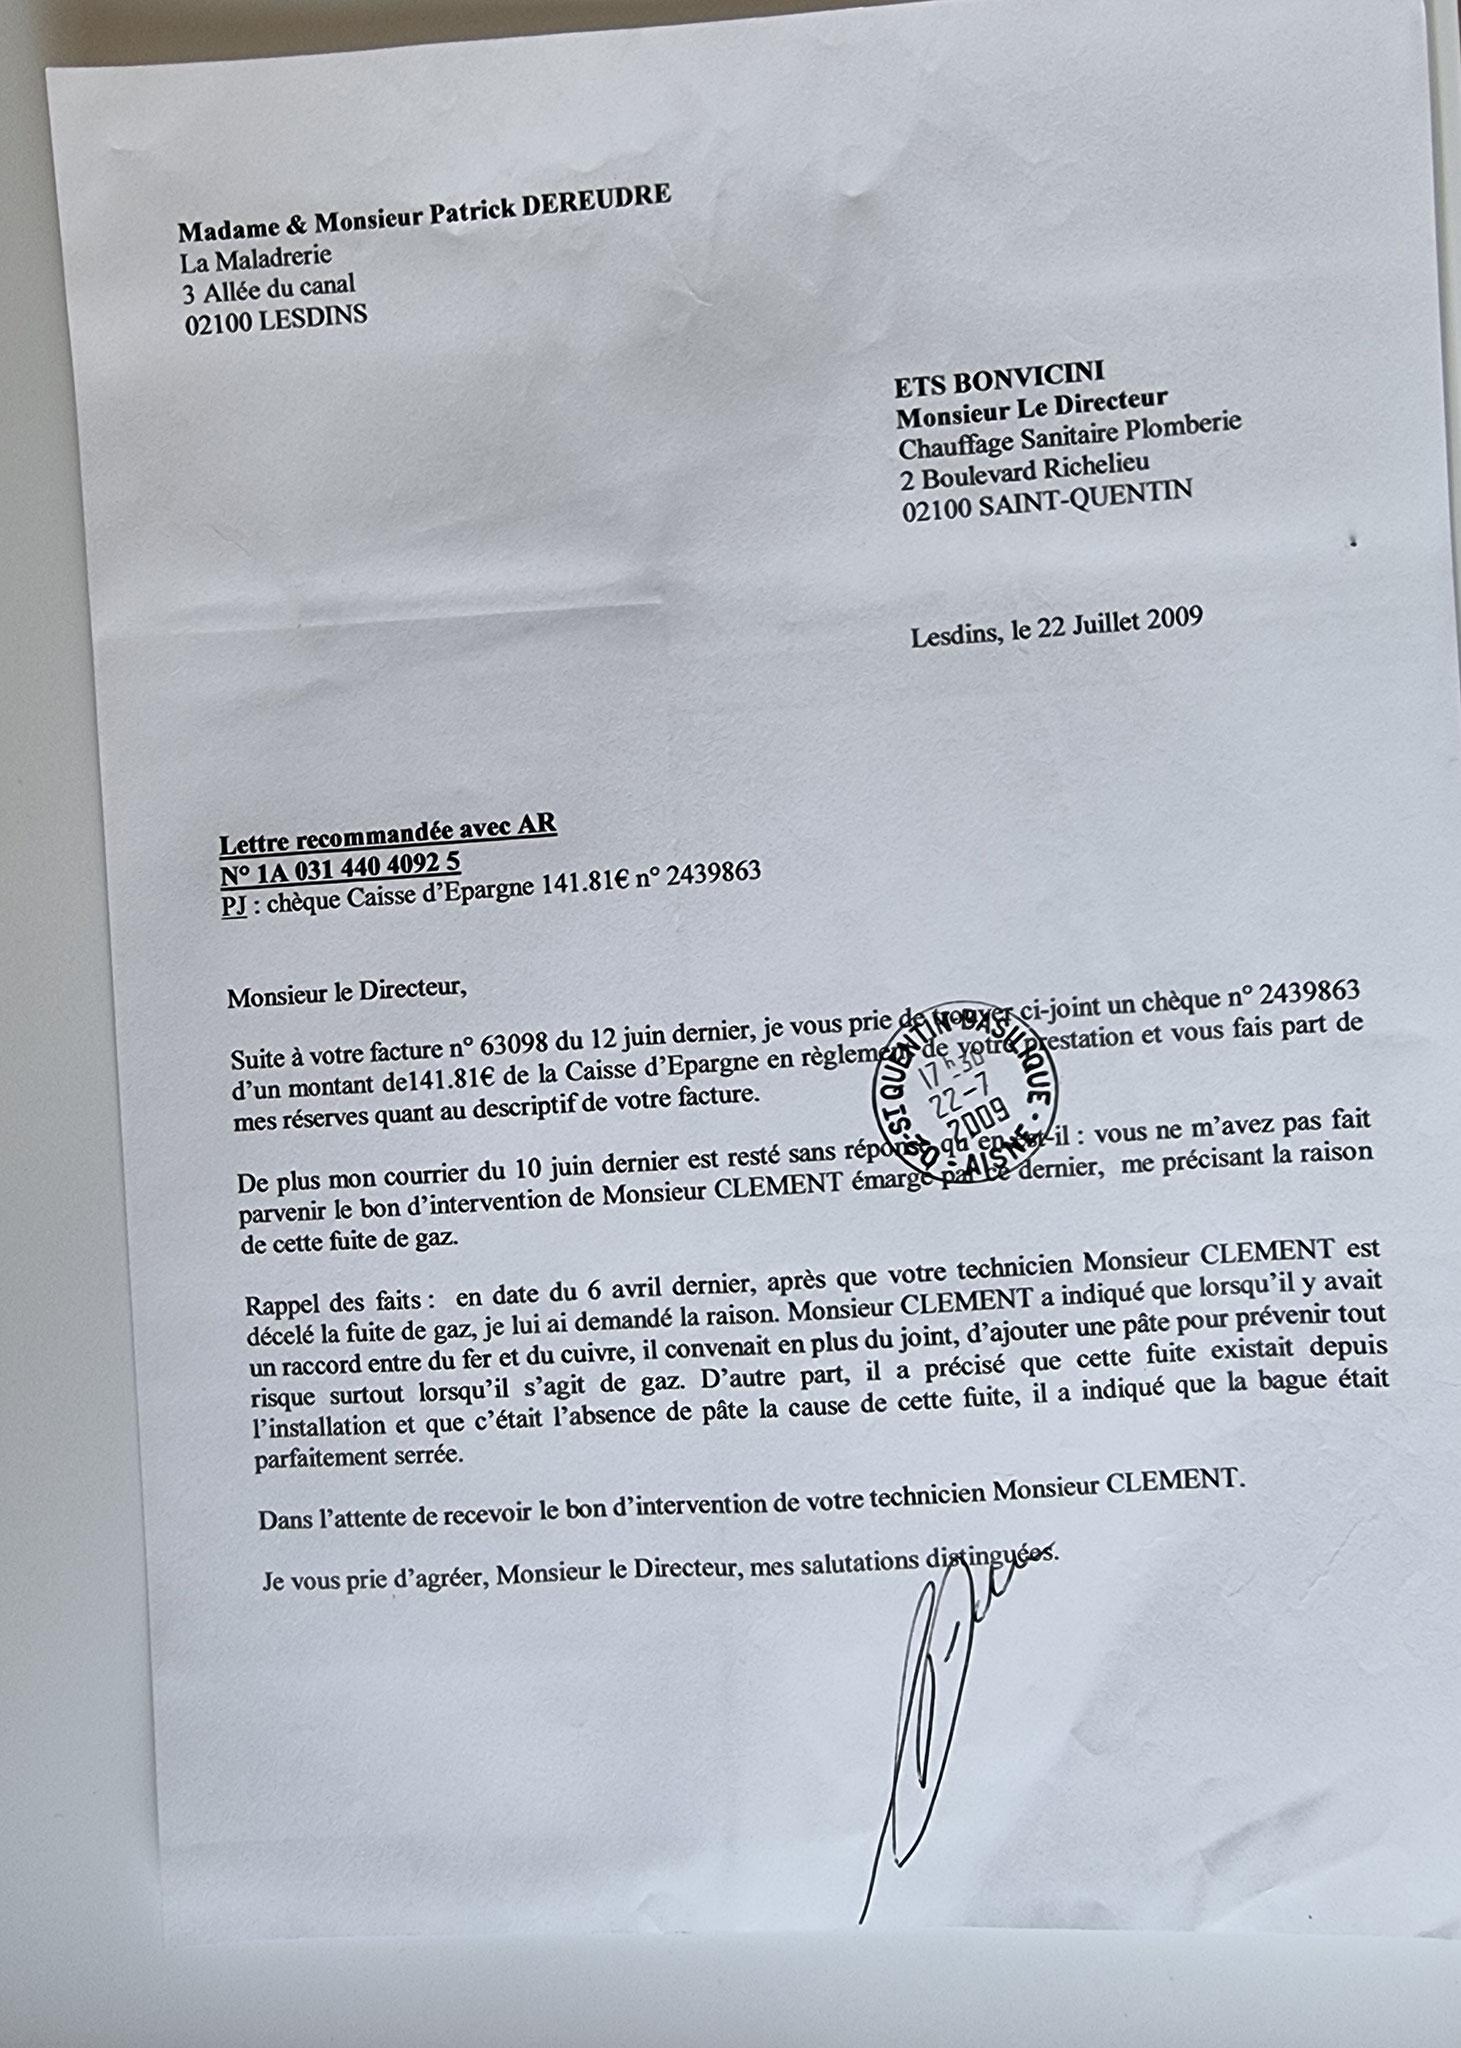 Le 22 Juillet 2009 j'adresse une LRAR à Monsieur BONVICINI  suite à son intervention pour réparer une fuite de GAZ (Installation Alain ALLIOT). www.jesuisvictime.fr www.jesuispatrick.fr